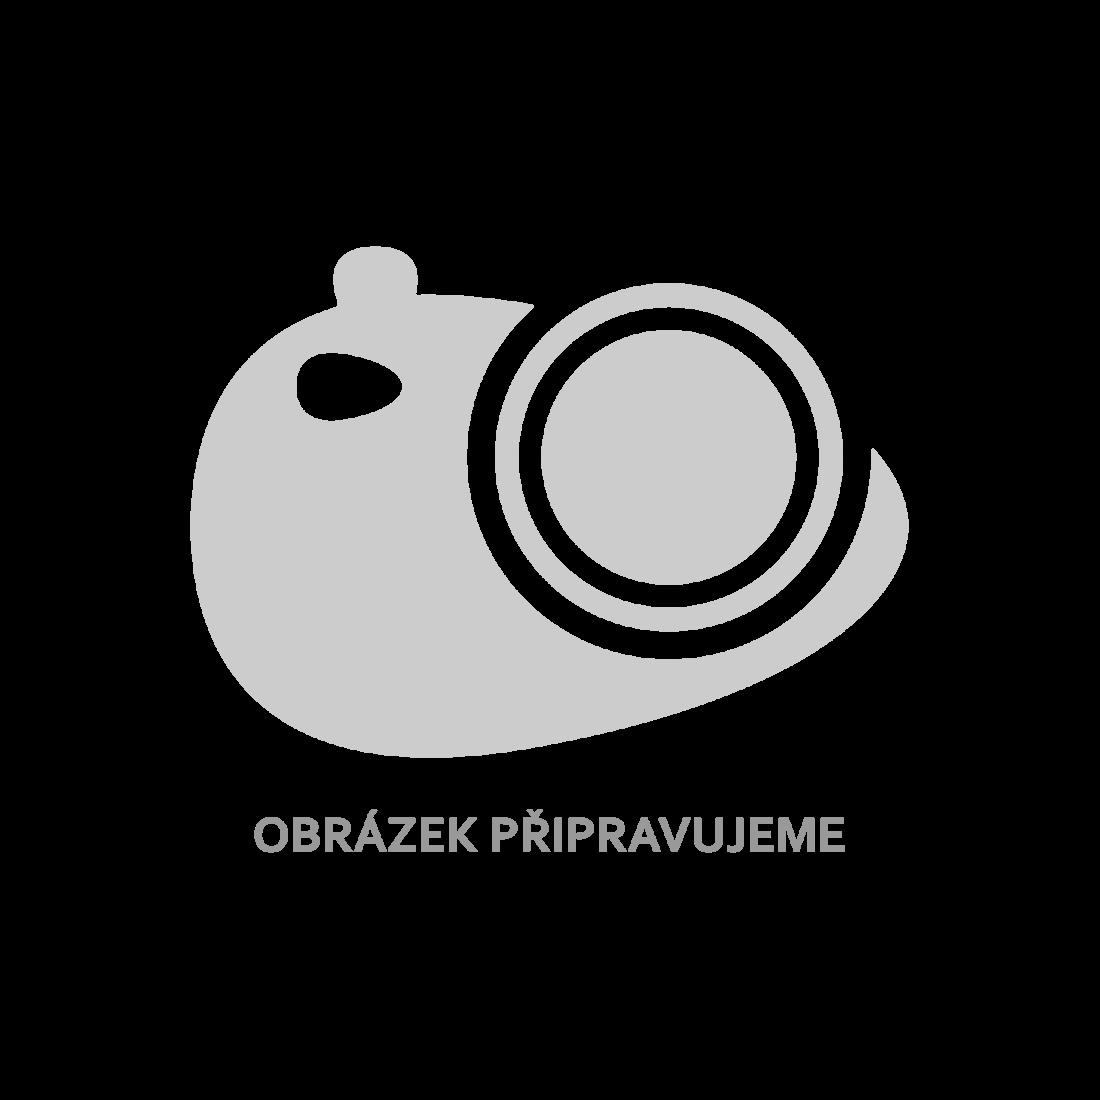 vidaXL Spodní skříňka bílá vysoký lesk 60 x 46 x 81,5 cm dřevotříska [801193]